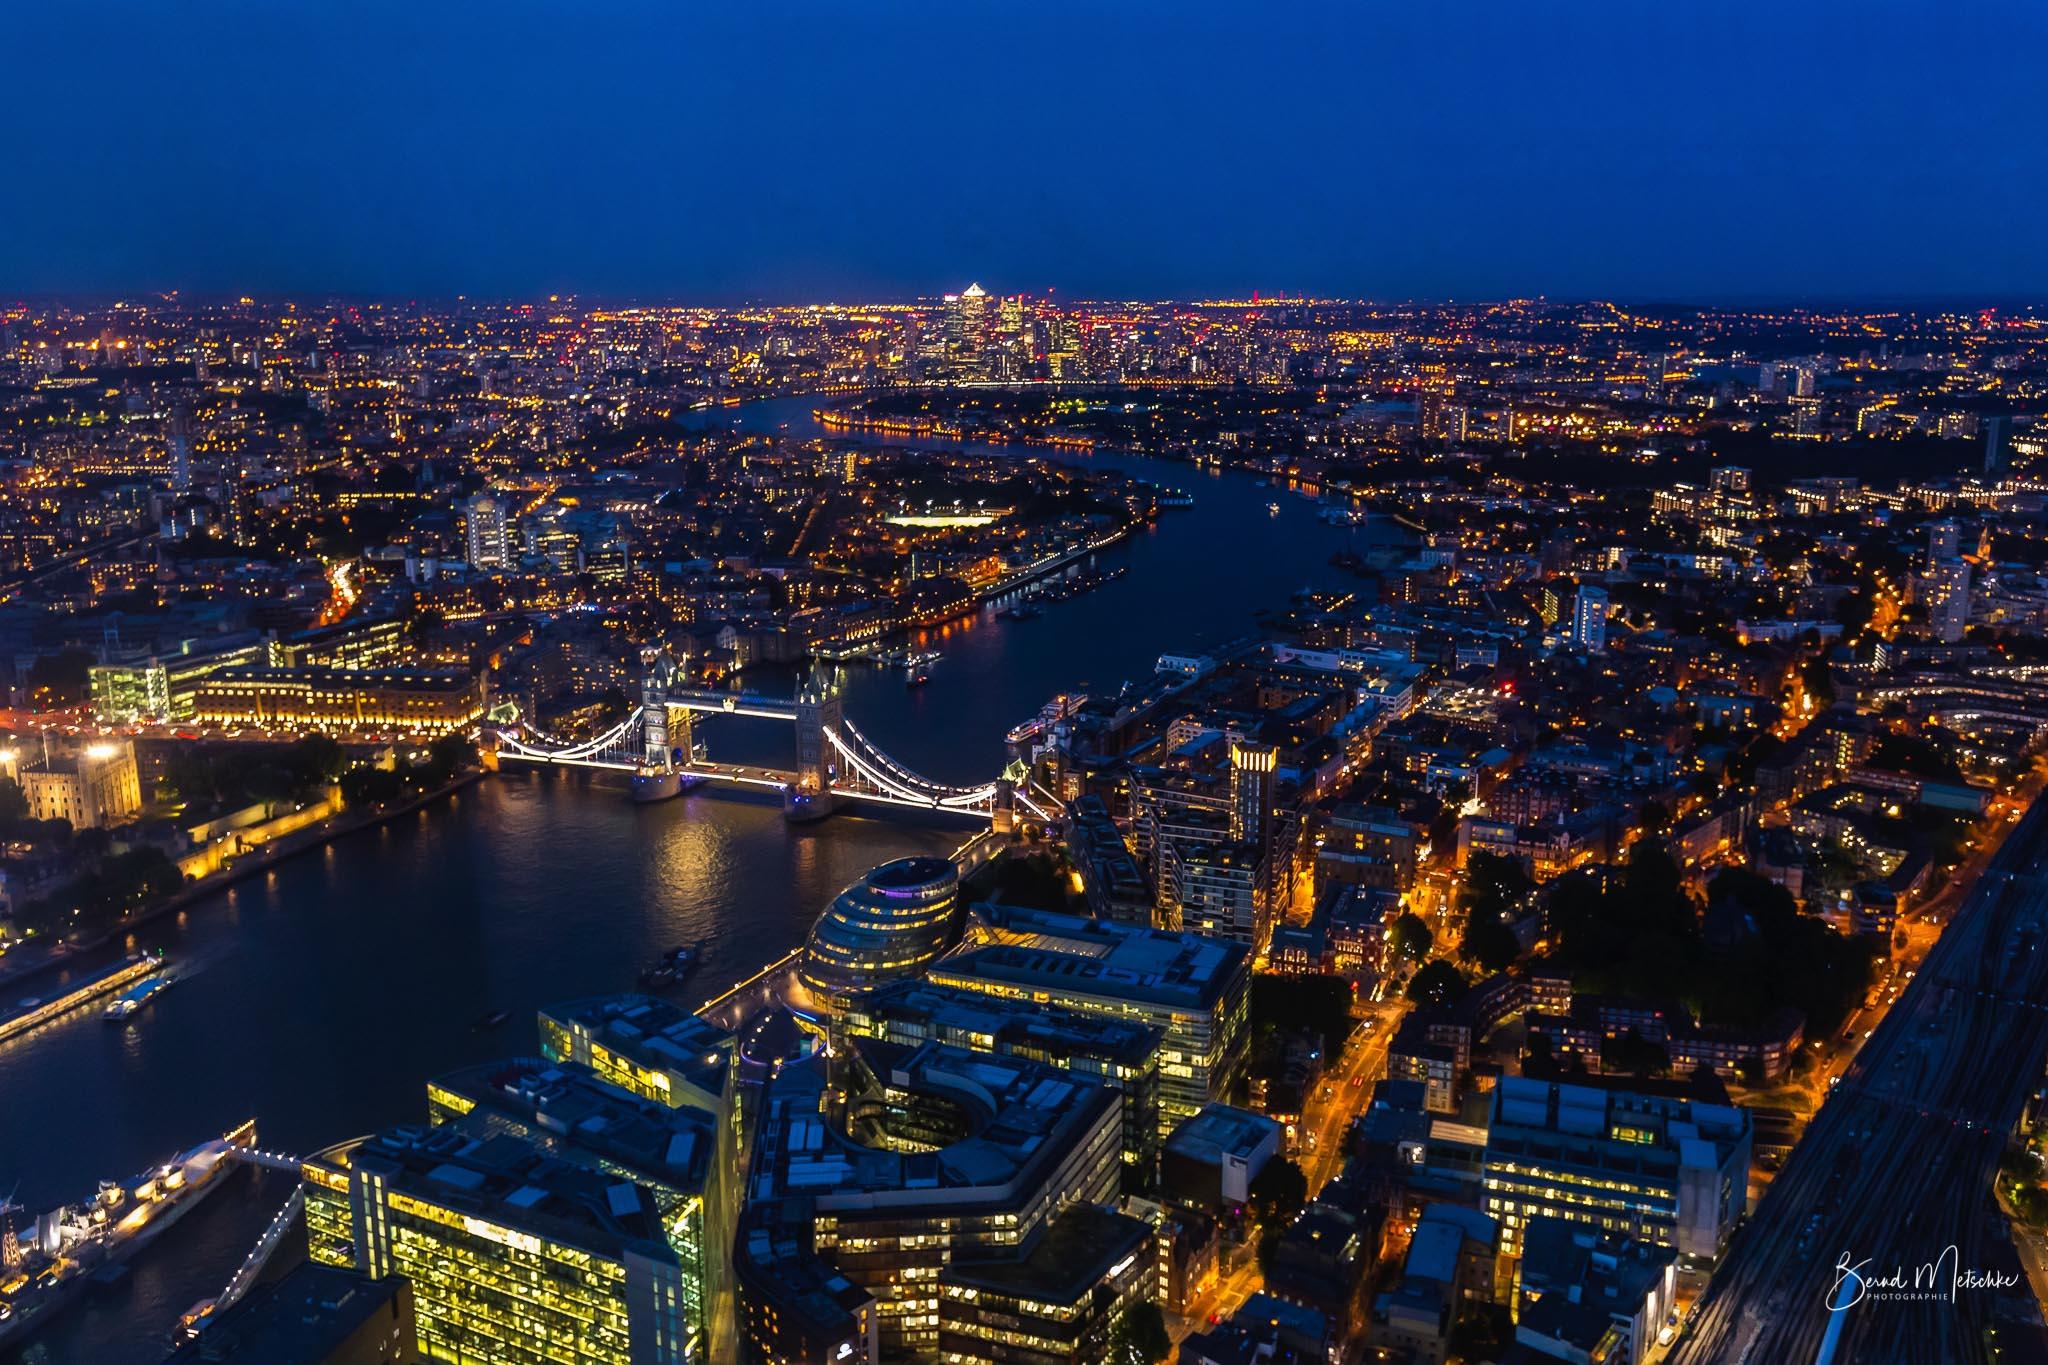 Nacht in London